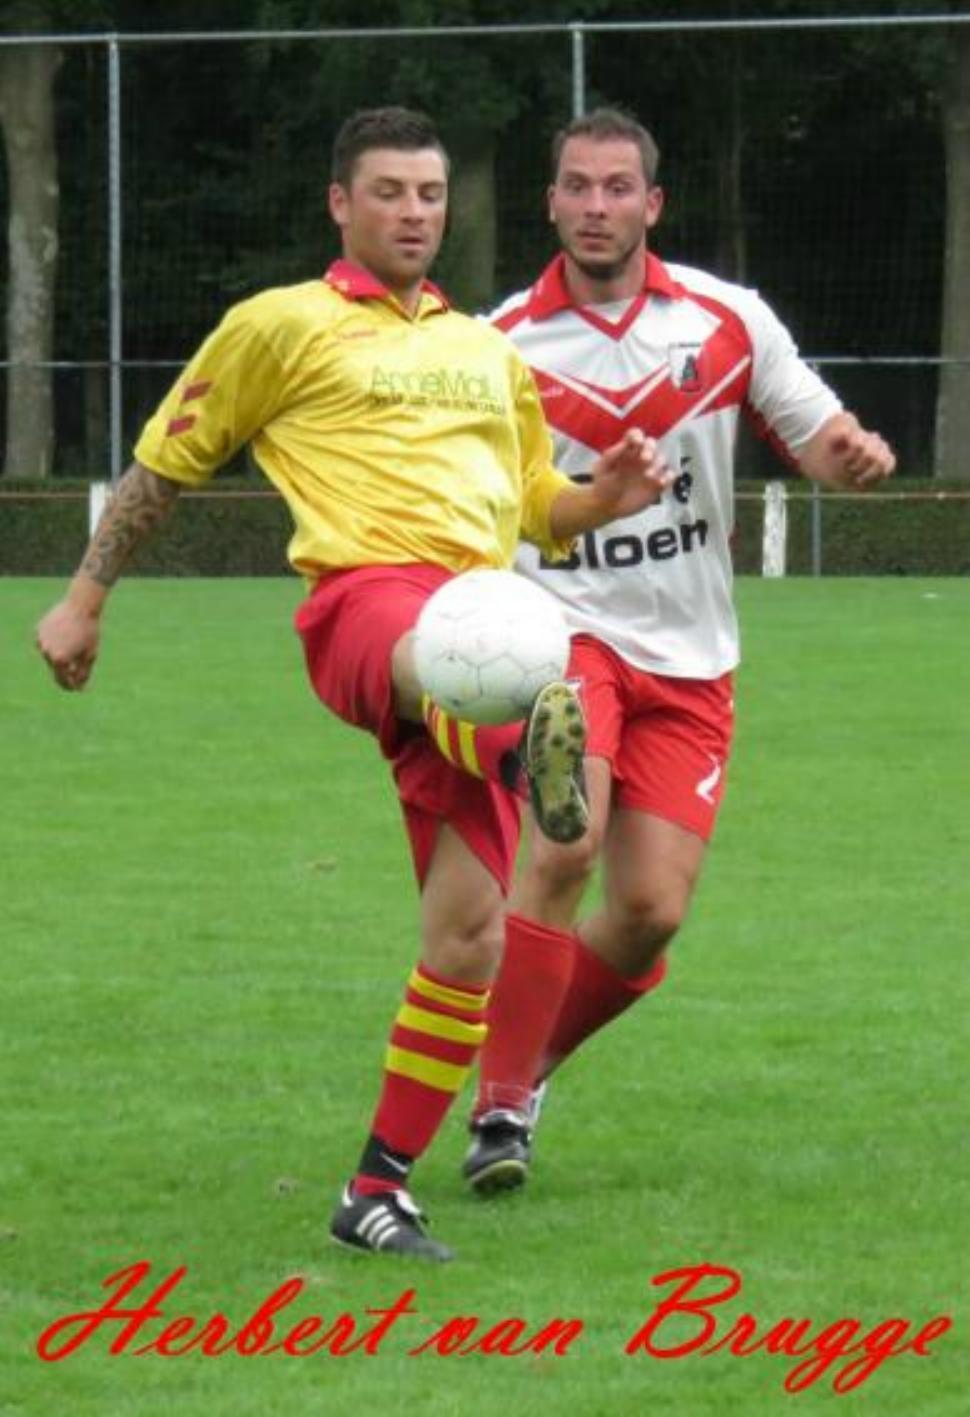 Herbert-van-Brugge